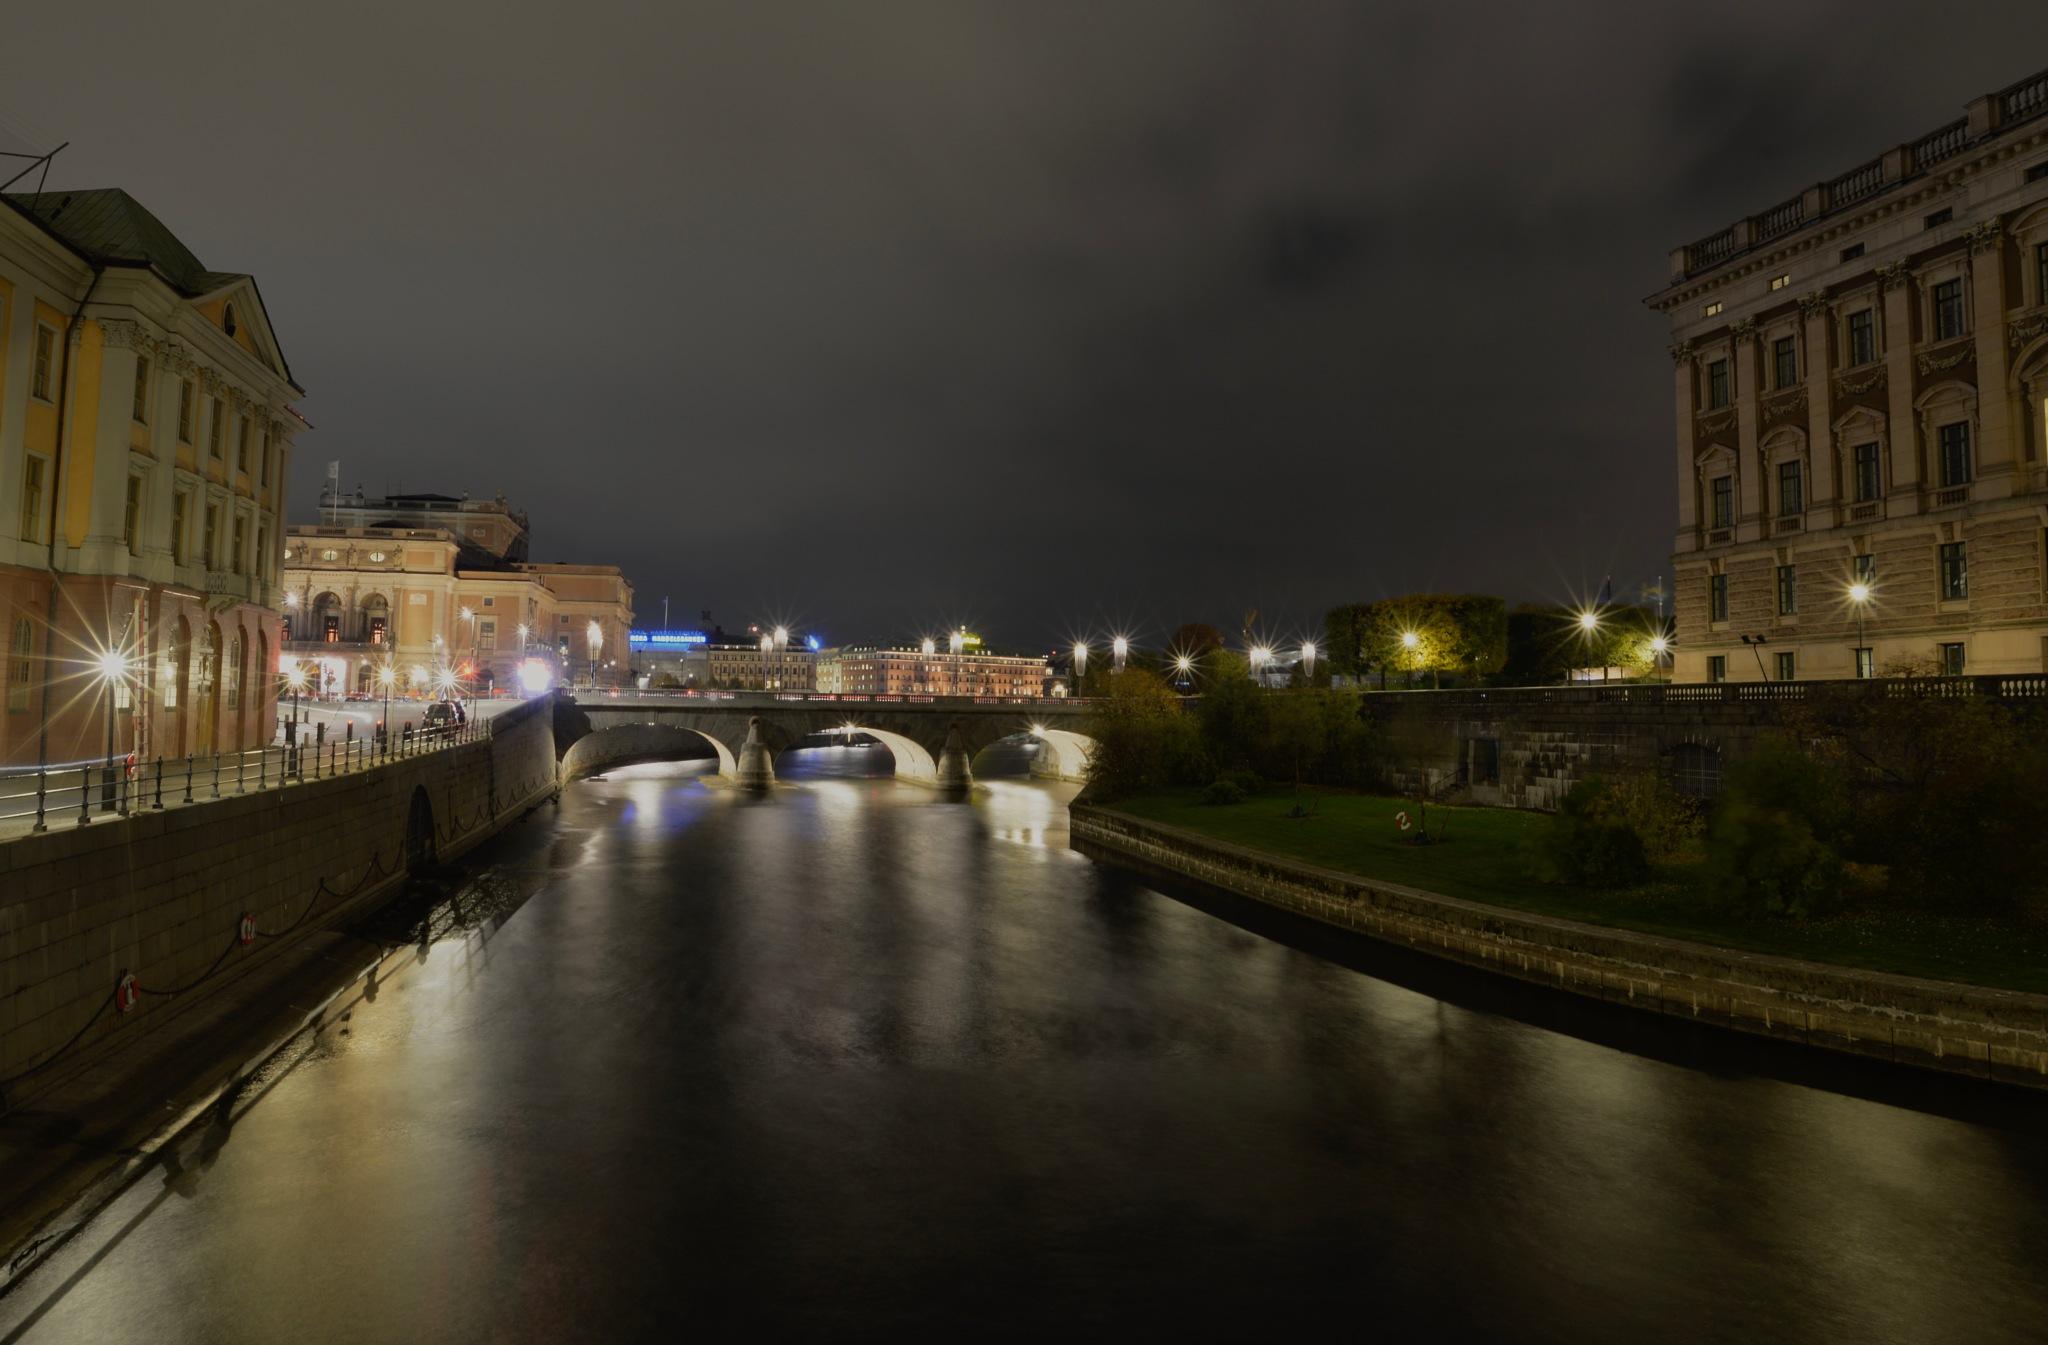 Stockholm, Sweden by liv